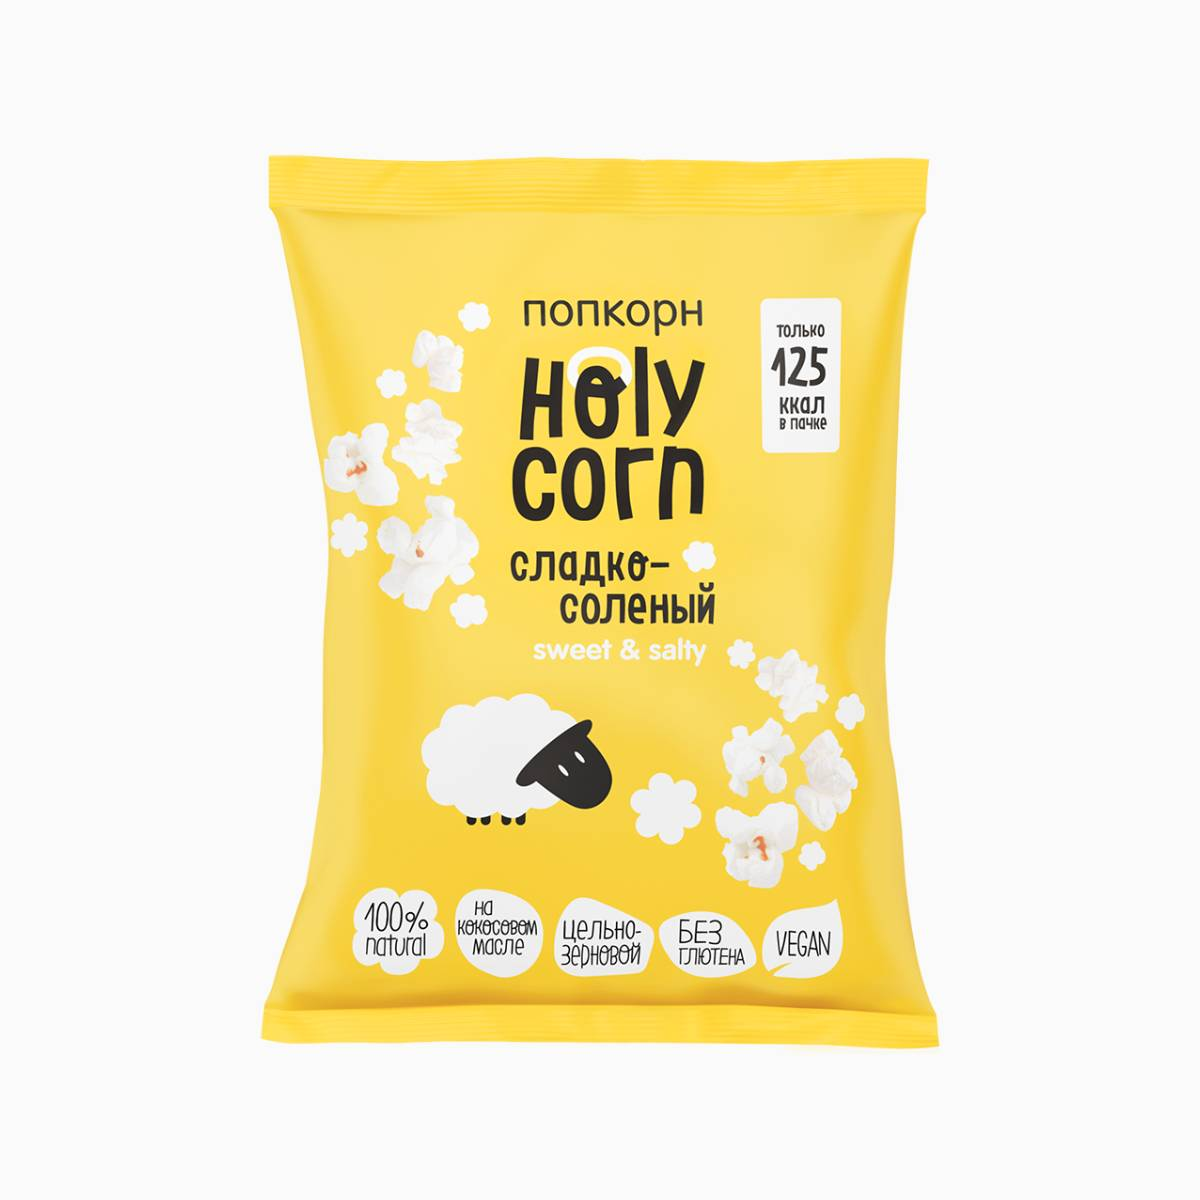 Попкорн Сладко-солёный, Holy Corn